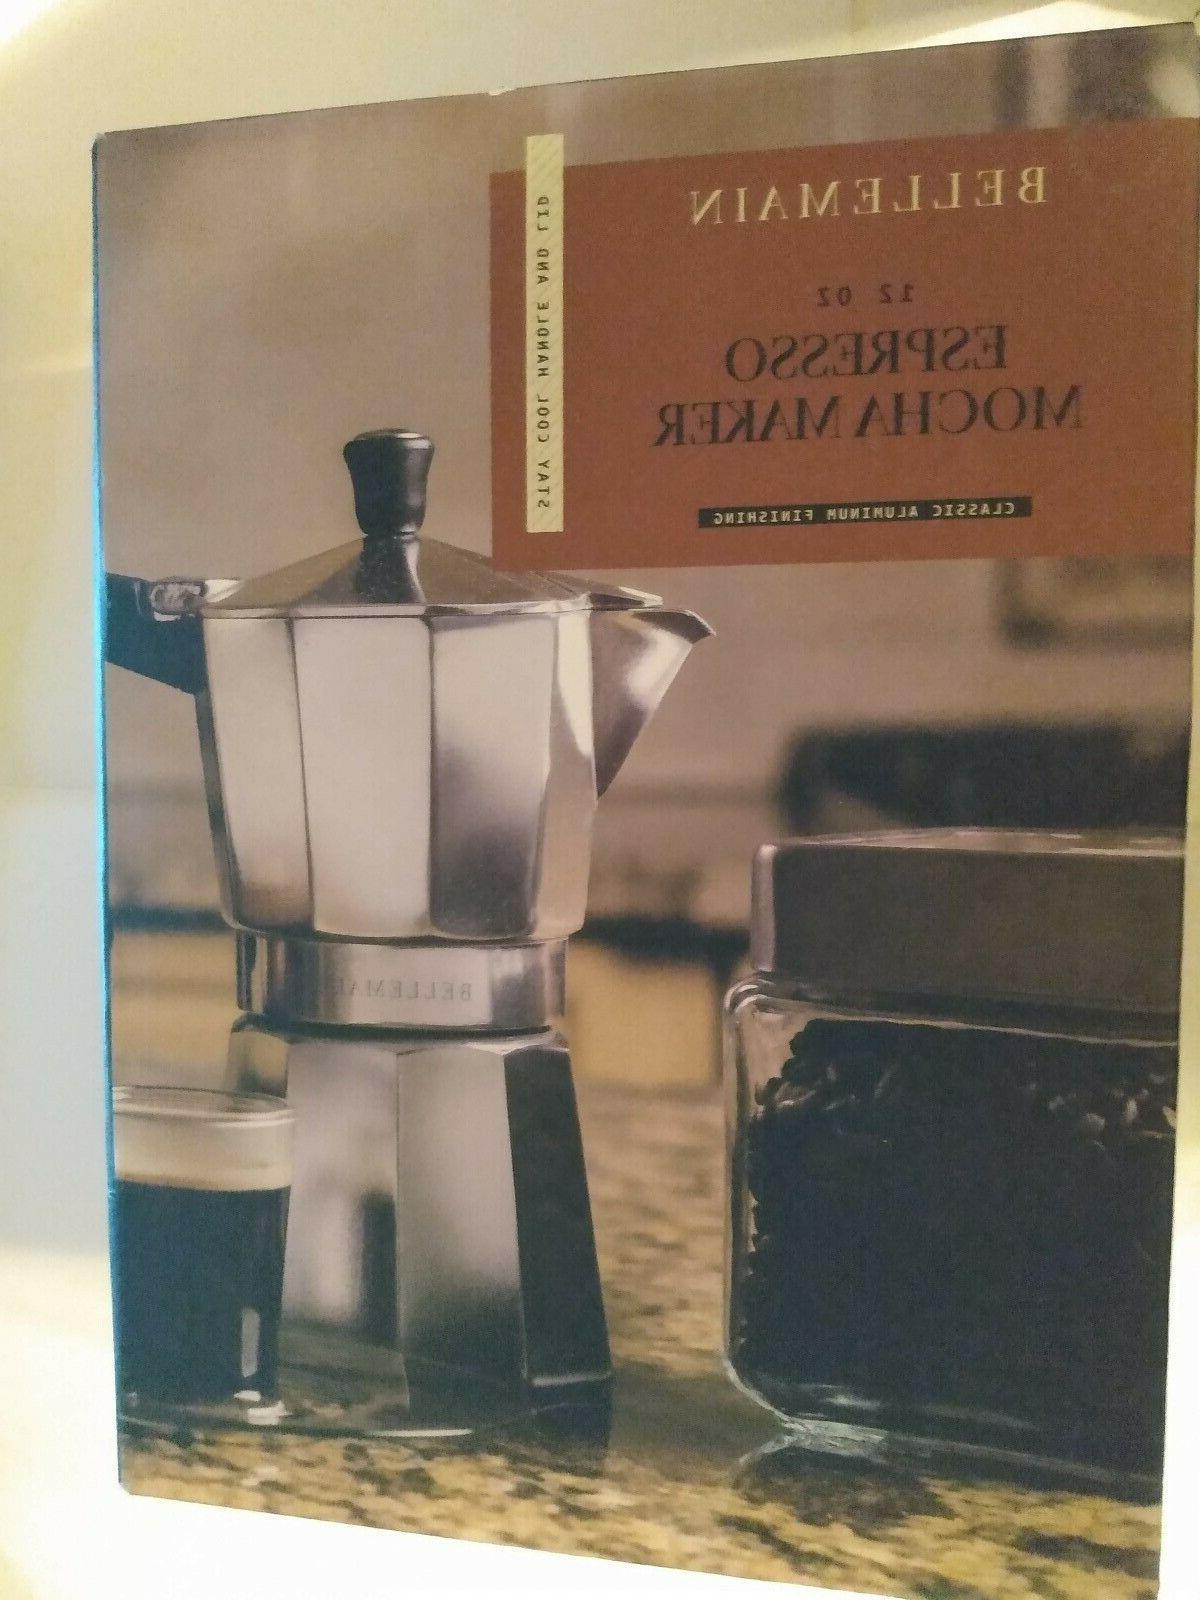 6oz stovetop espresso mocha maker pot